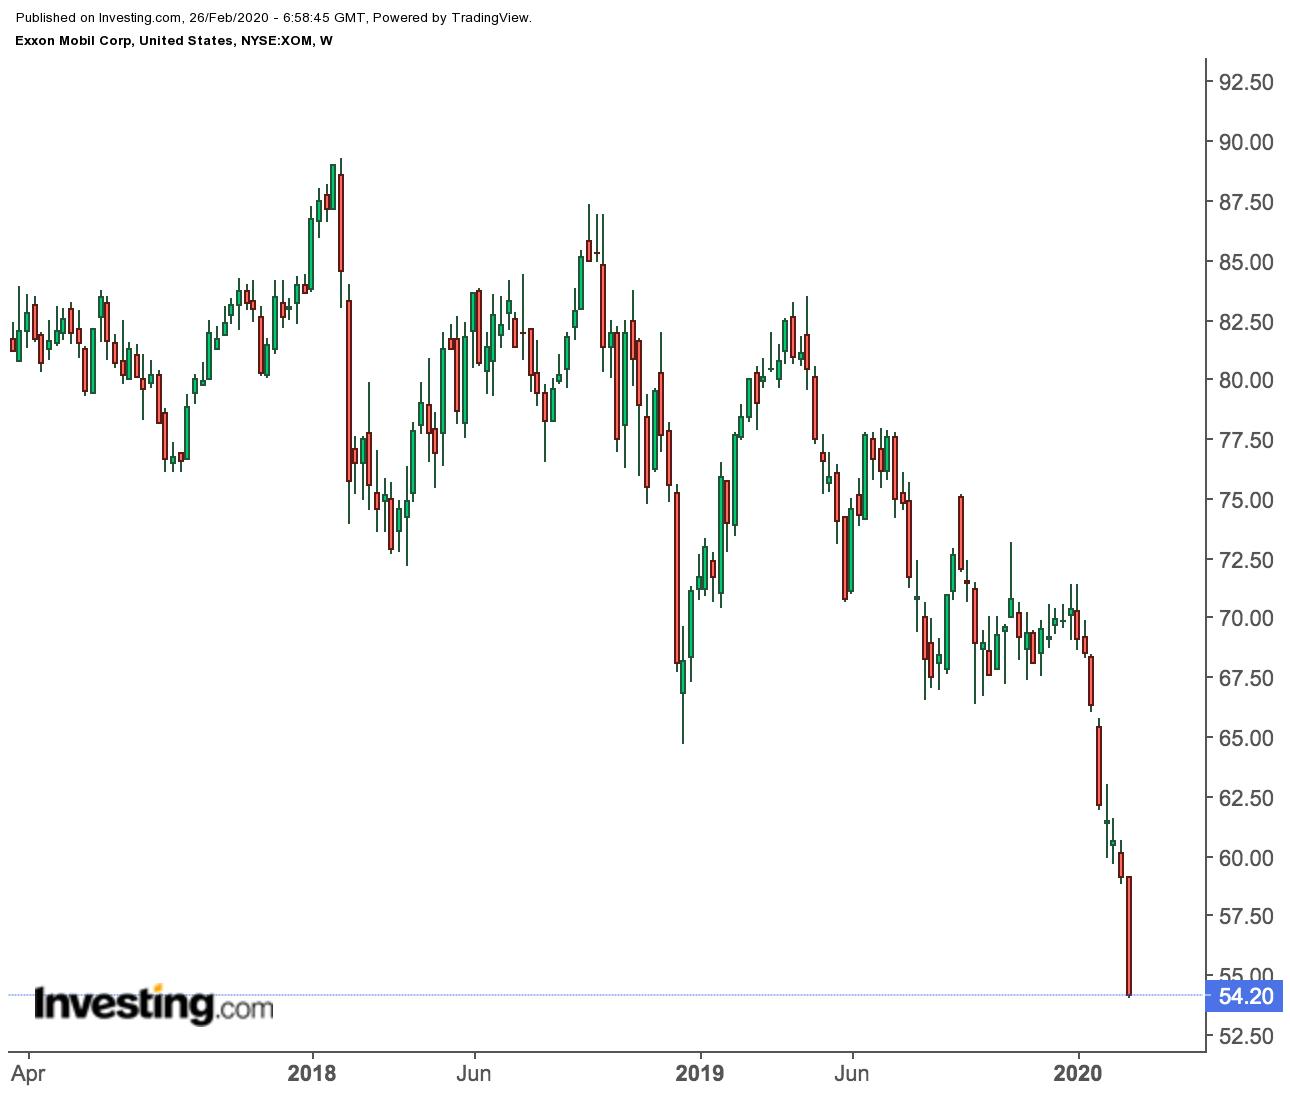 Дивидендная доходность акций Exxon Mobil выросла до 6%, но стоит ли их покупать?